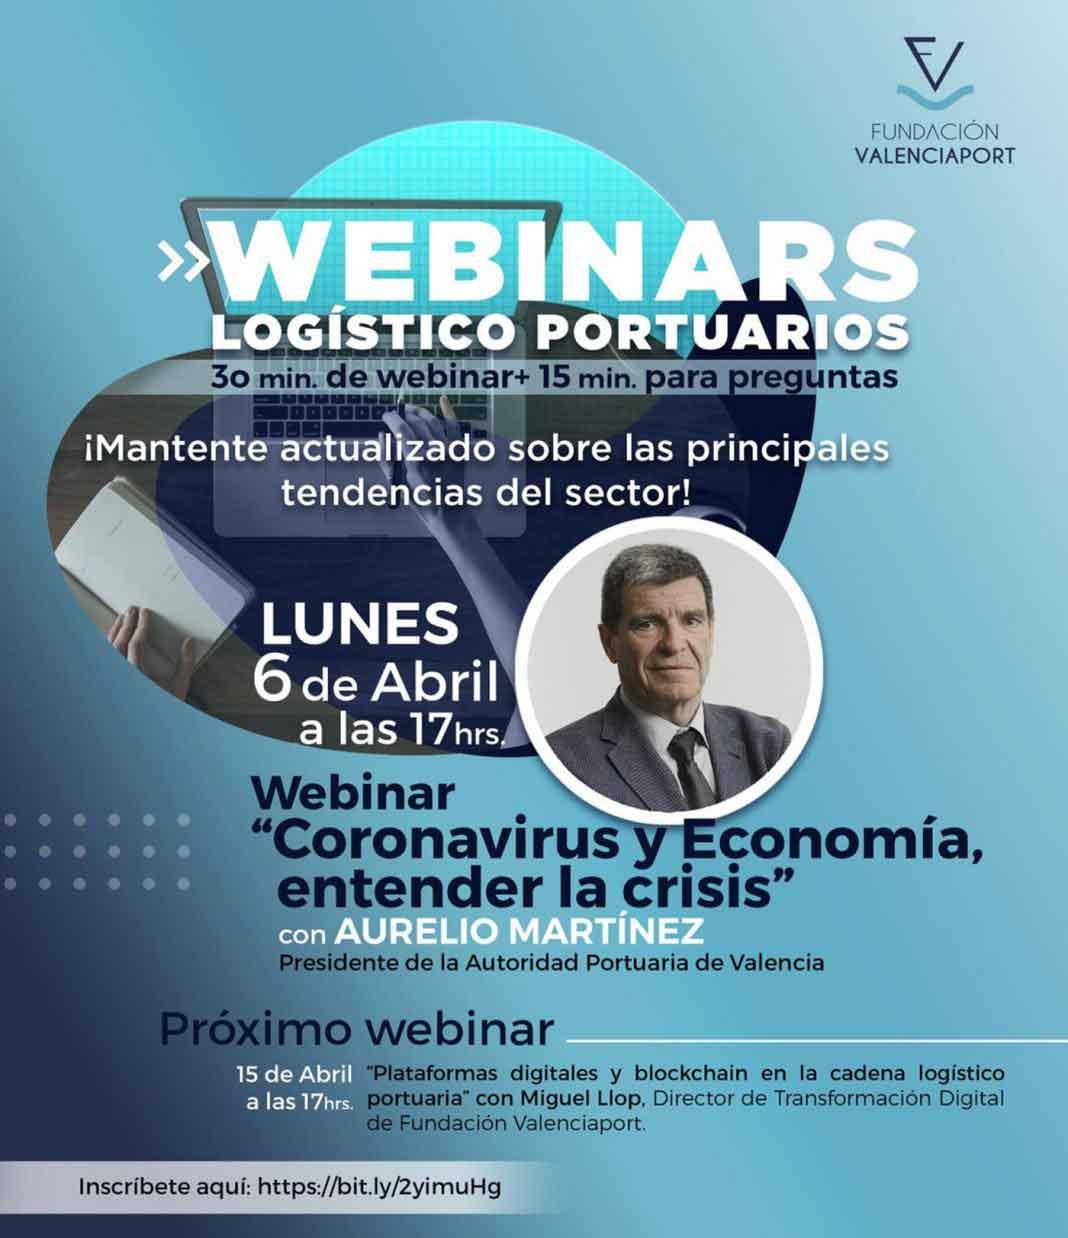 """La Fundación Valenciaport lanza sus """"Webinars Logístico Portuarios"""" durante la cuarentena"""